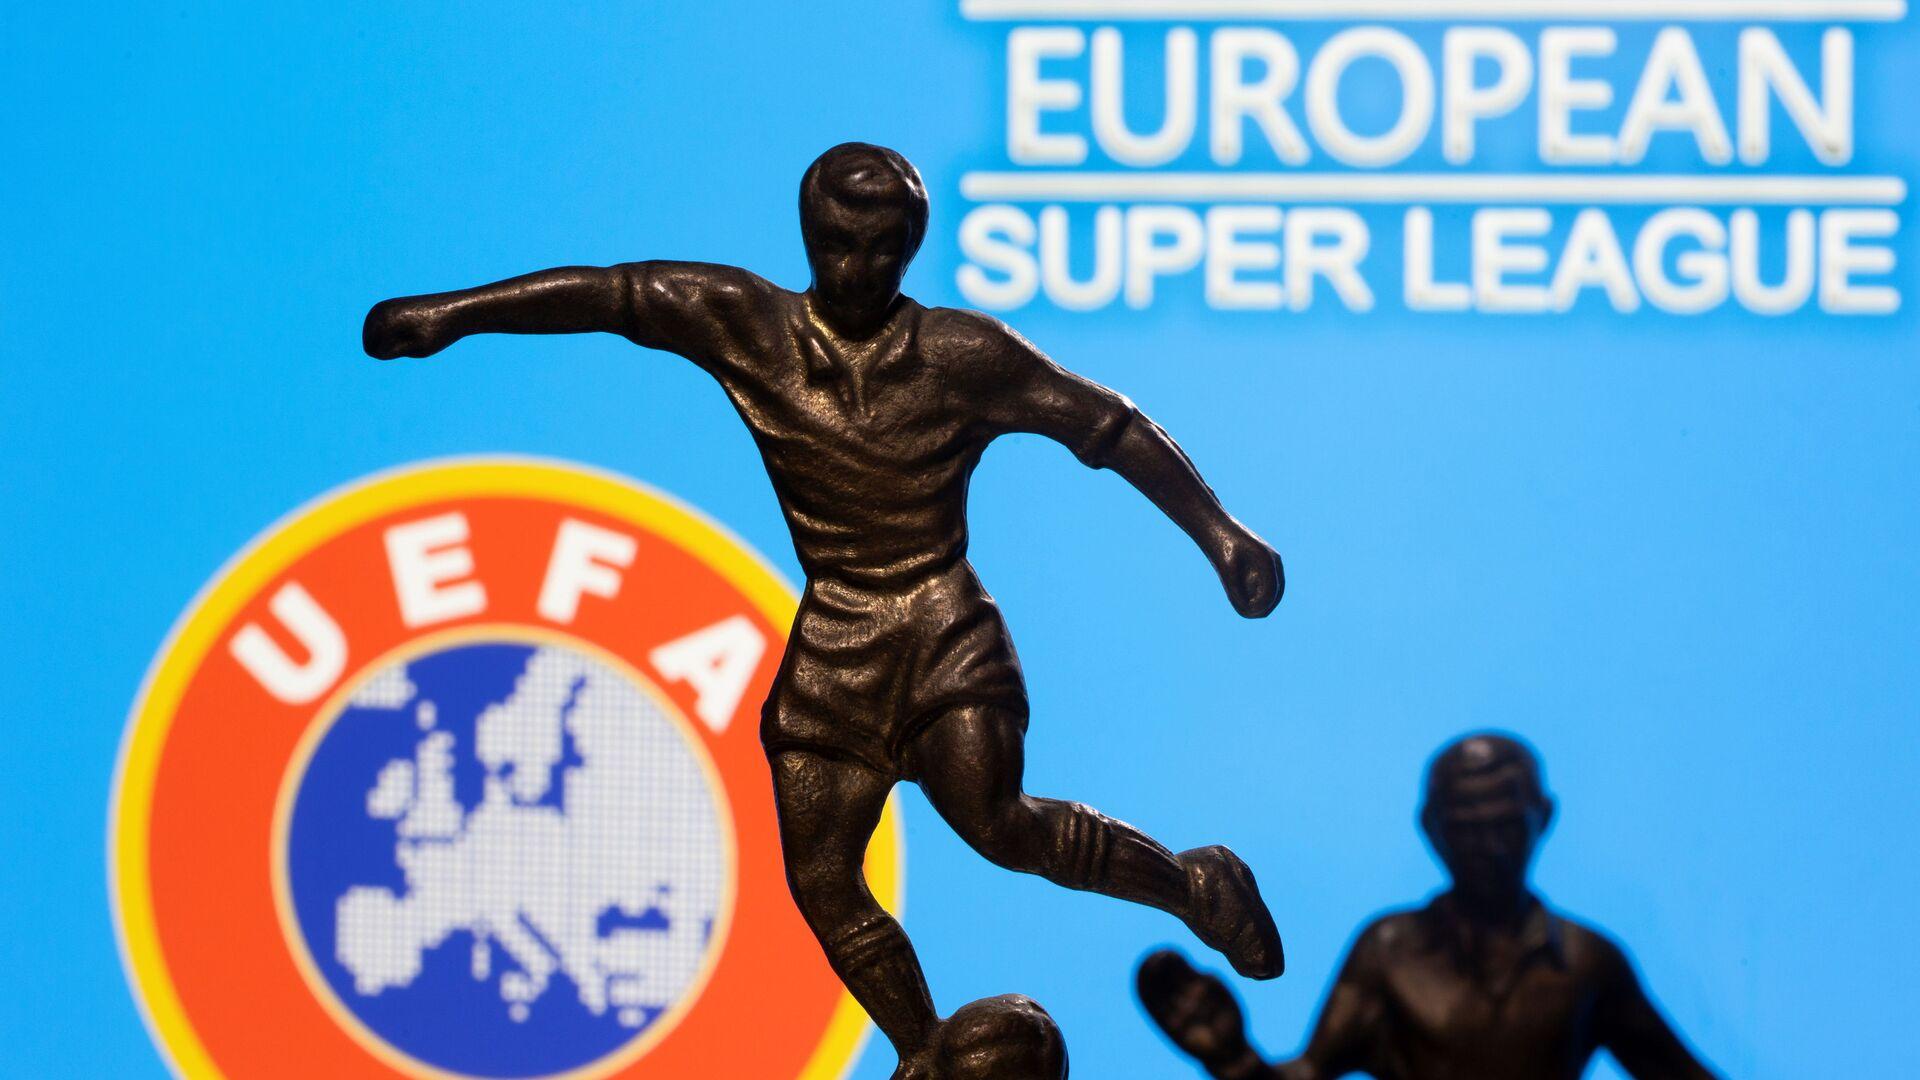 UEFA ve Avrupa Süper Ligi logoları önünde futbolcu bibloları - Sputnik Türkiye, 1920, 30.07.2021